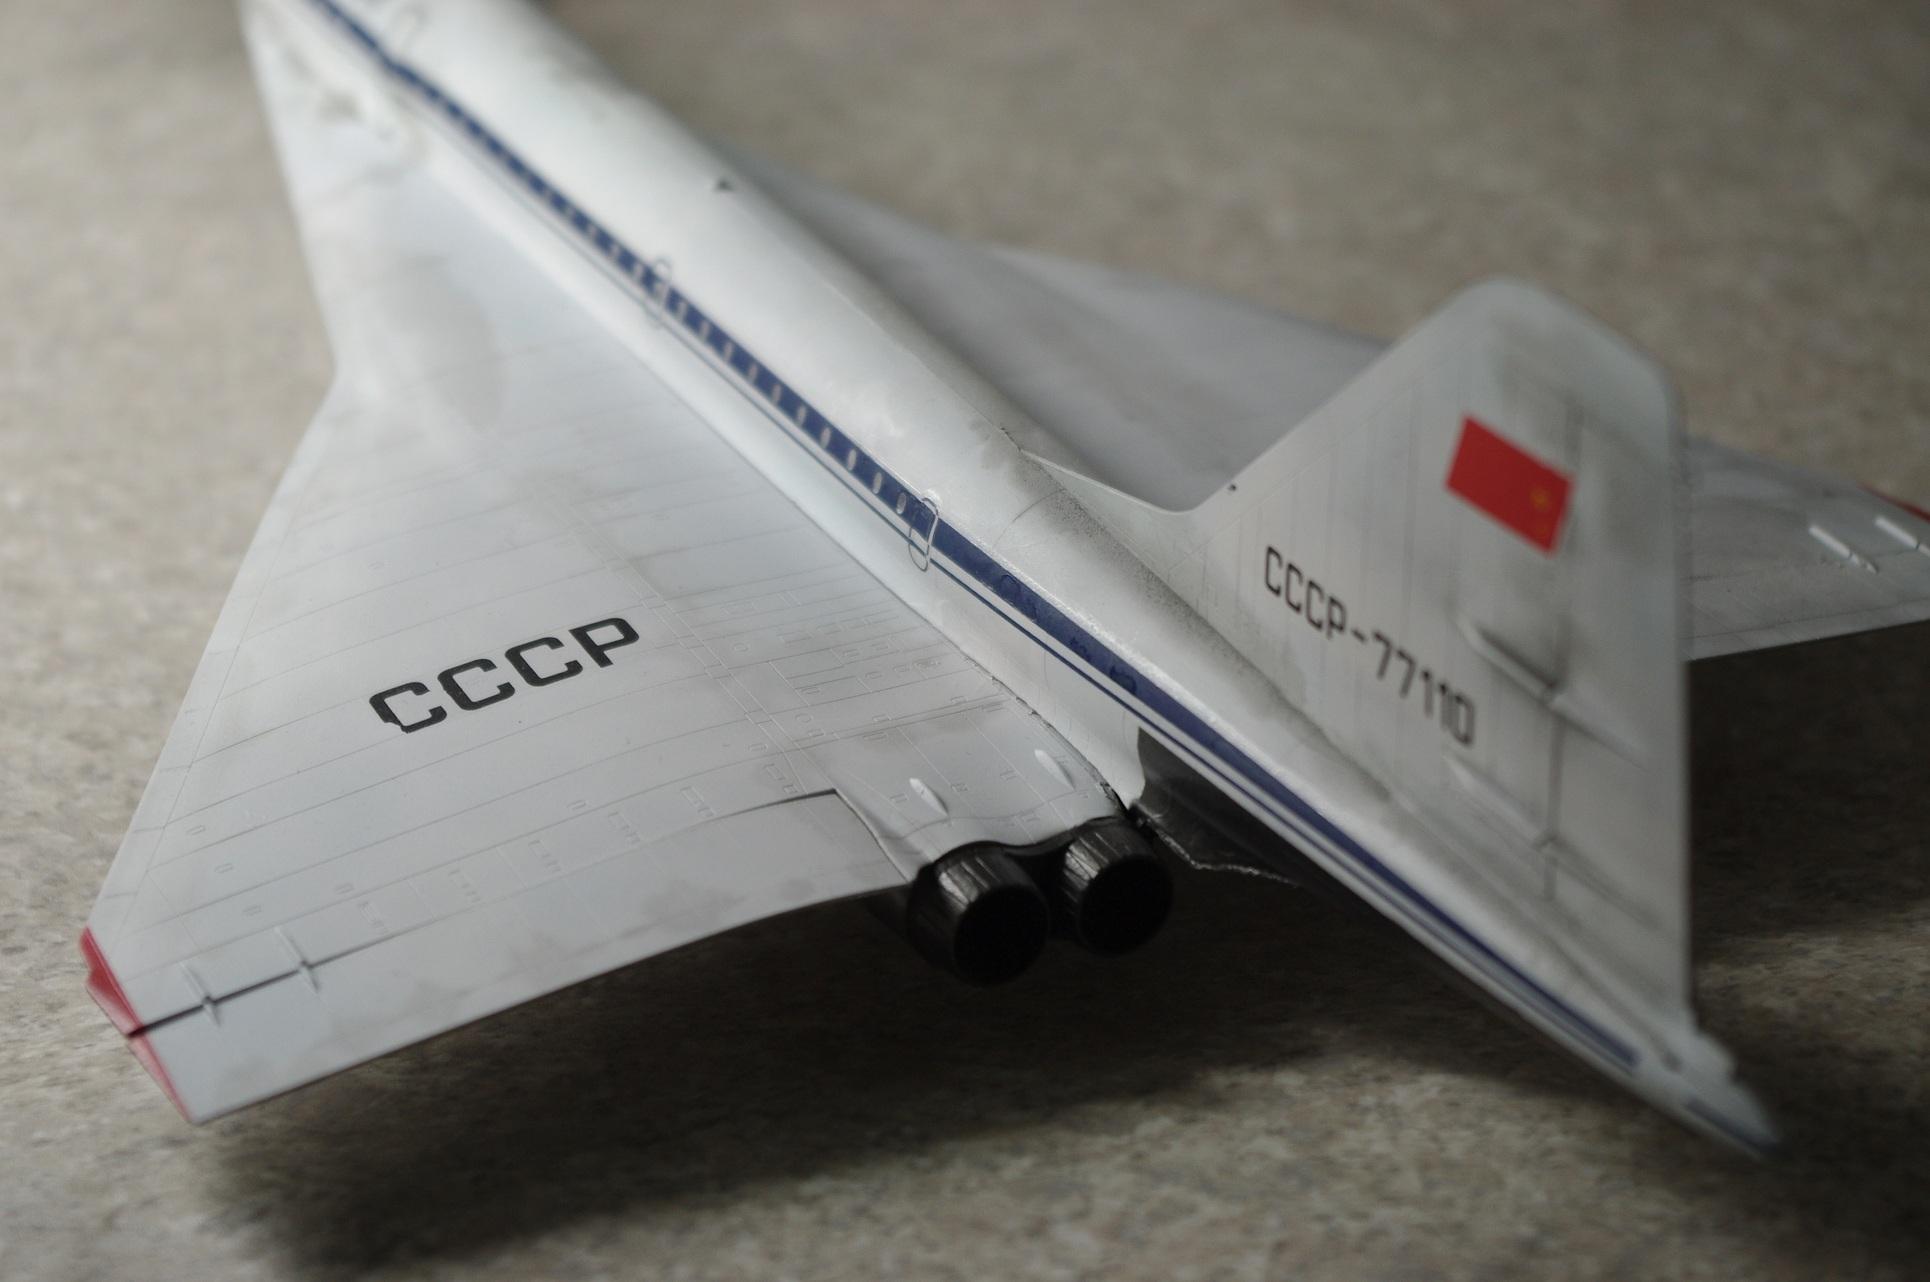 Tu-144 A